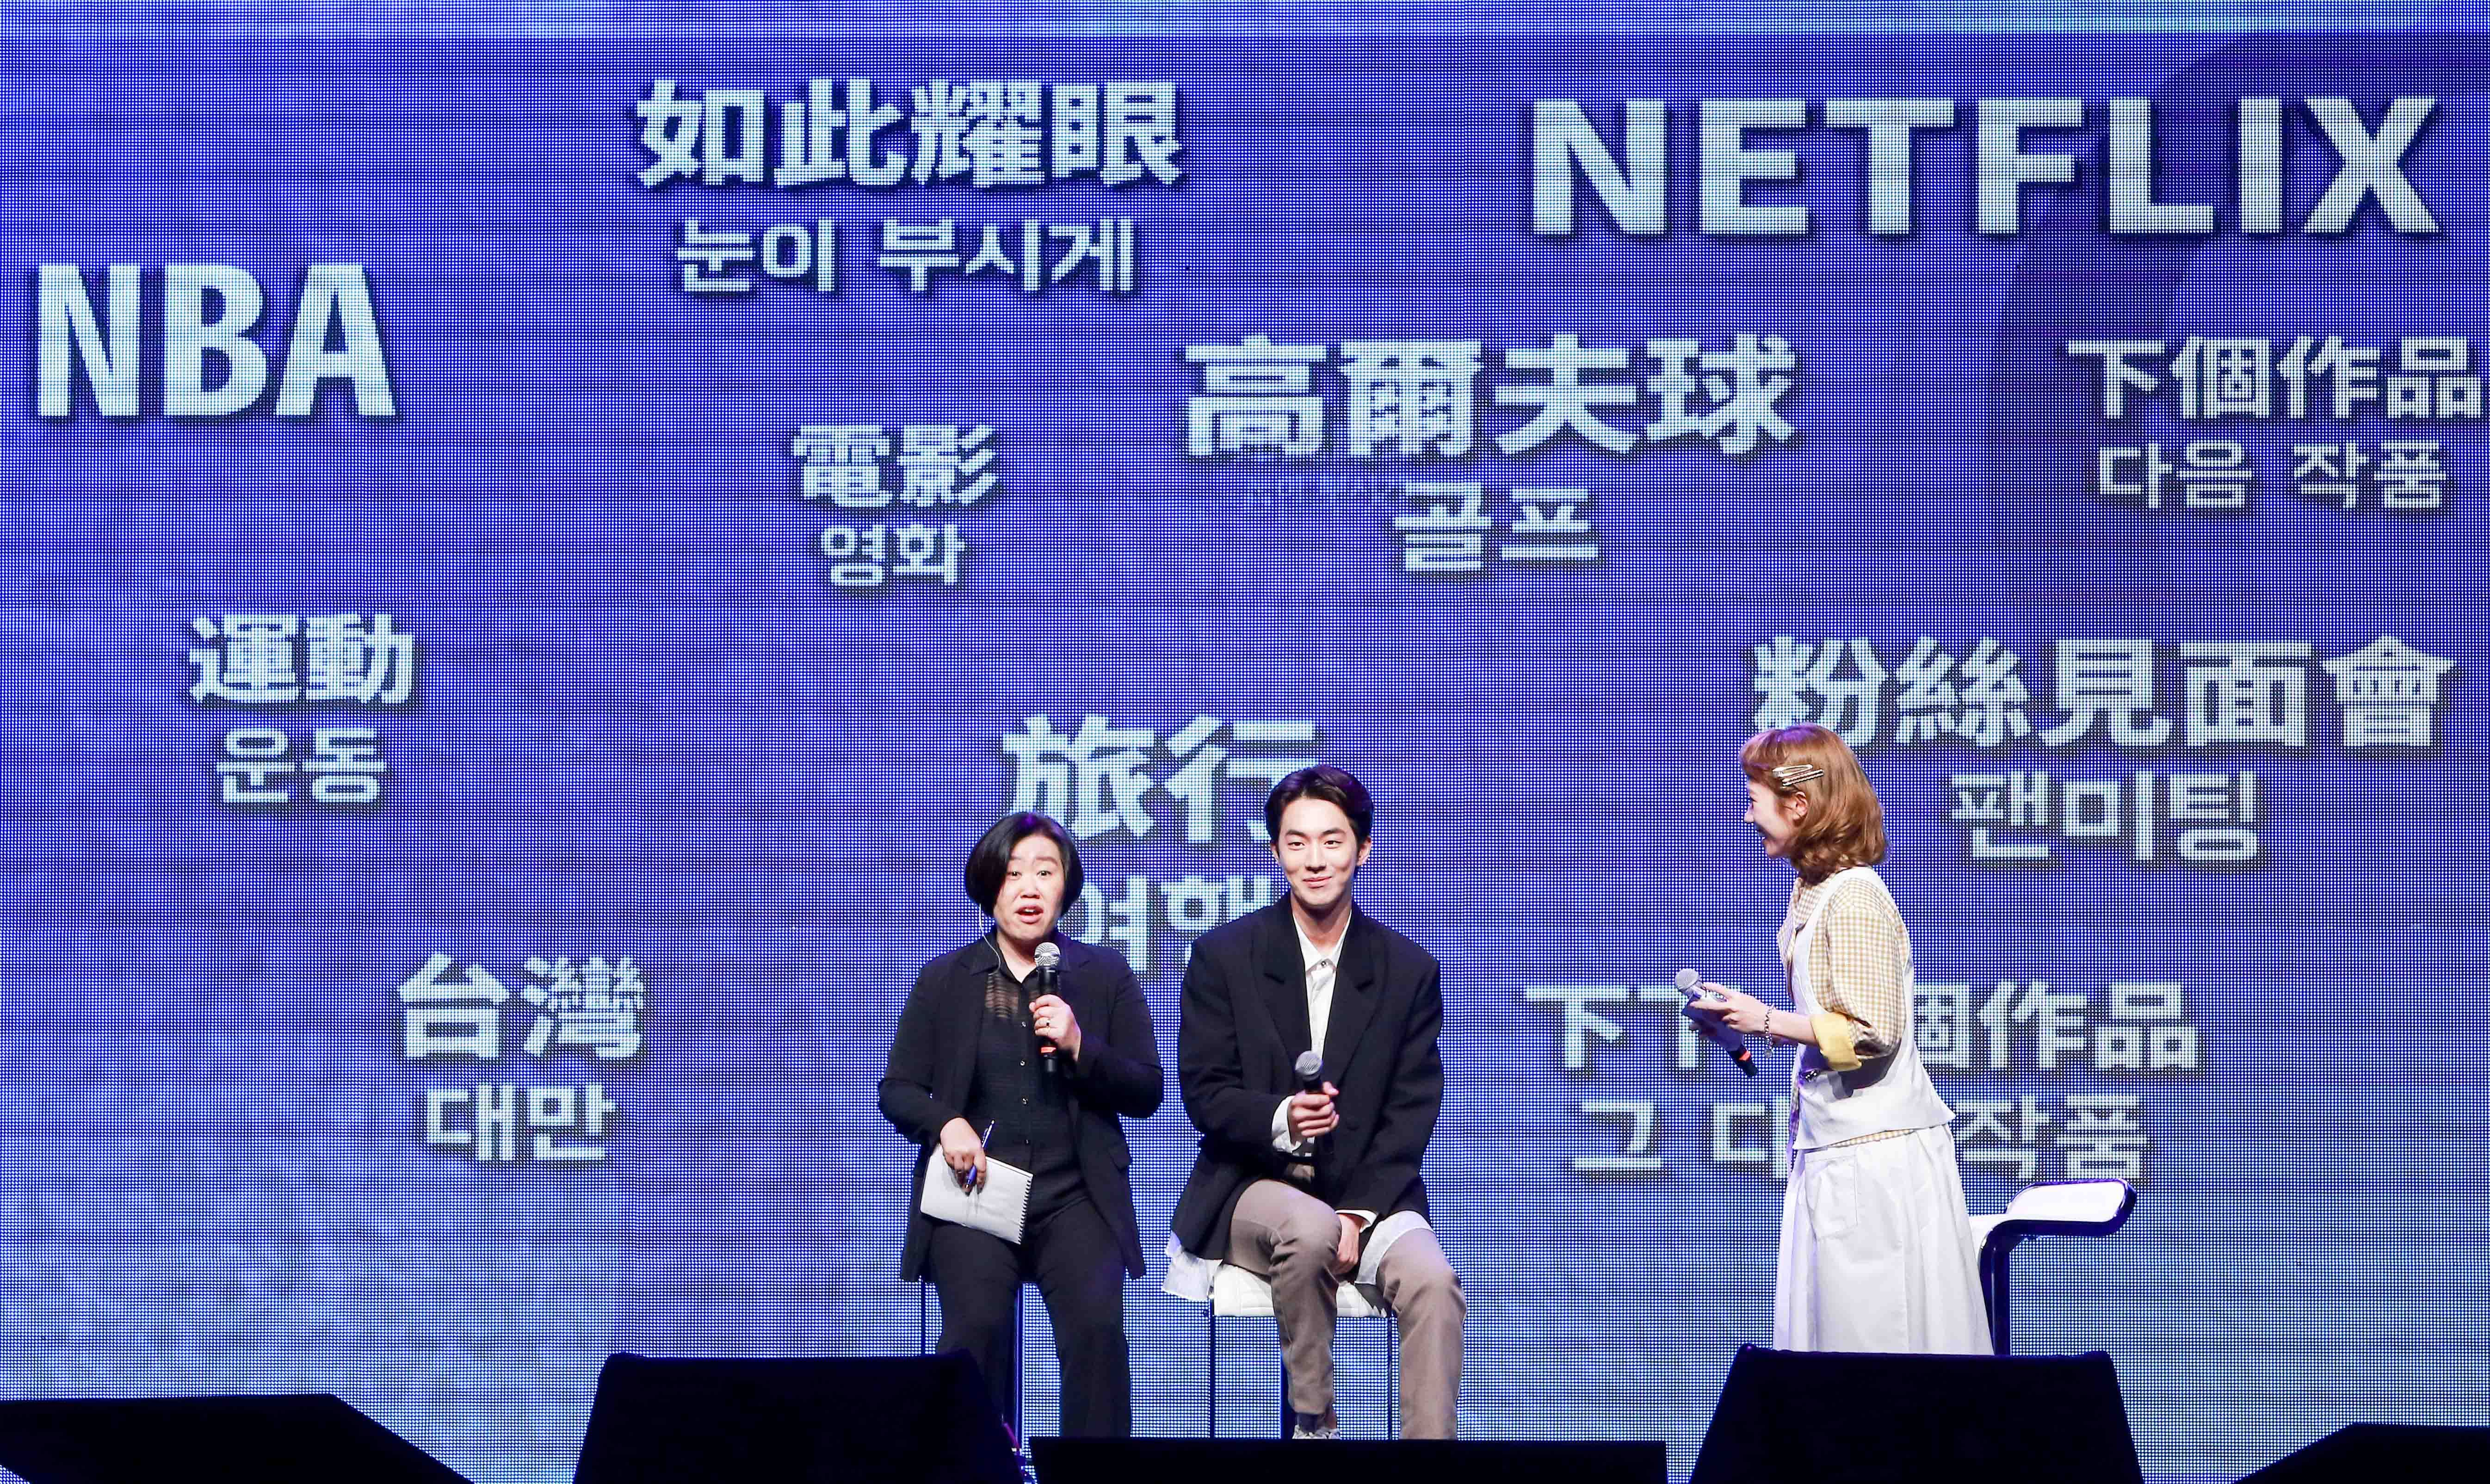 韓星南柱赫2度來台會粉絲熱情歡迎。(記者林士傑/攝影)